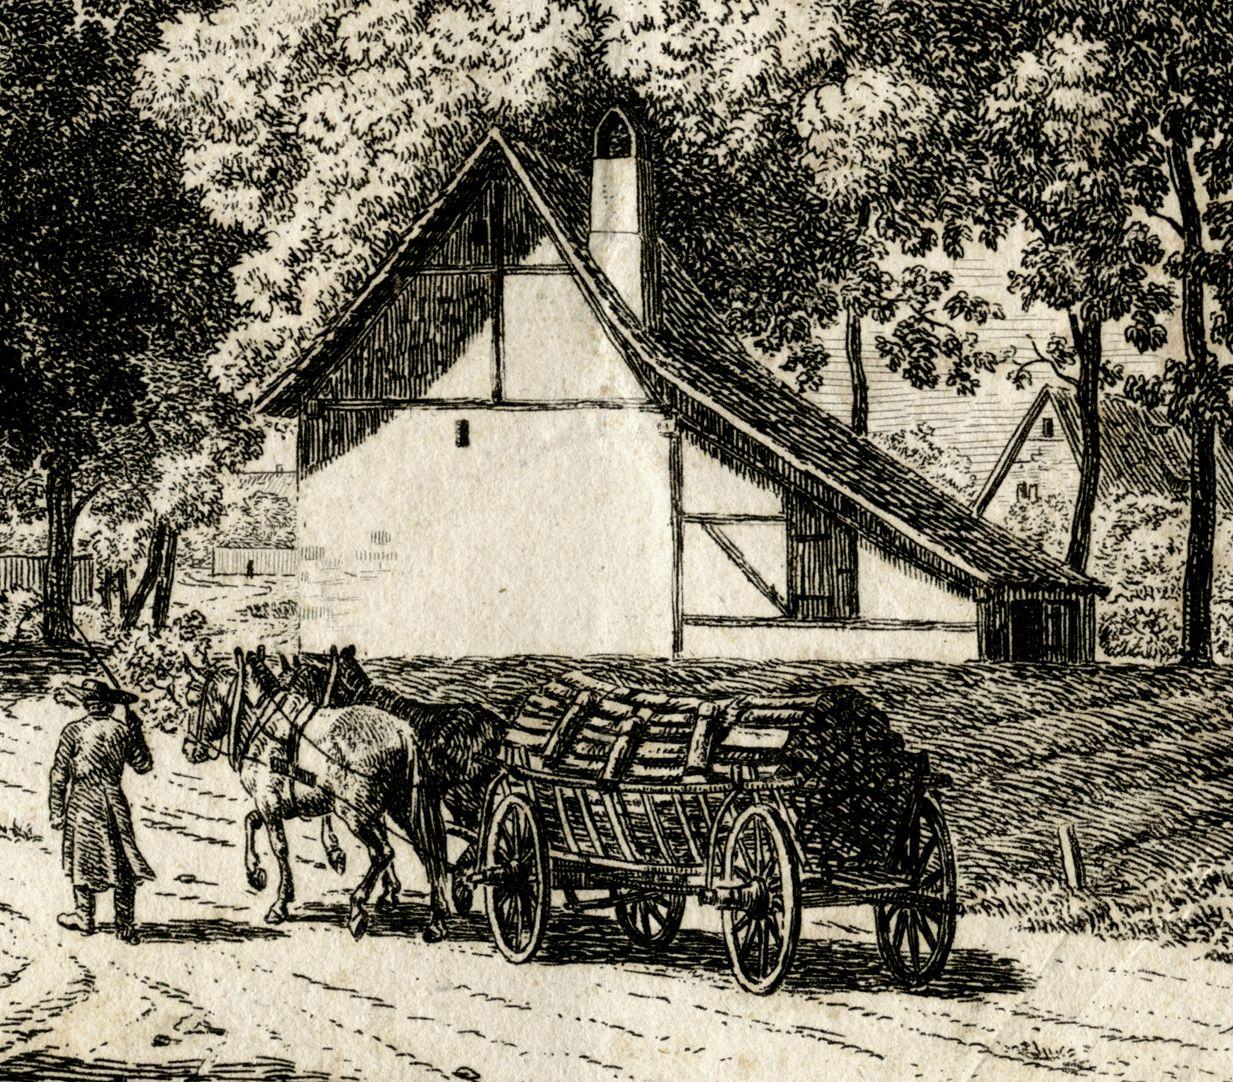 Die Burg zu Nürnberg, vom Judenbühl aus angesehen Detail mit Fuhrwerk und Haus